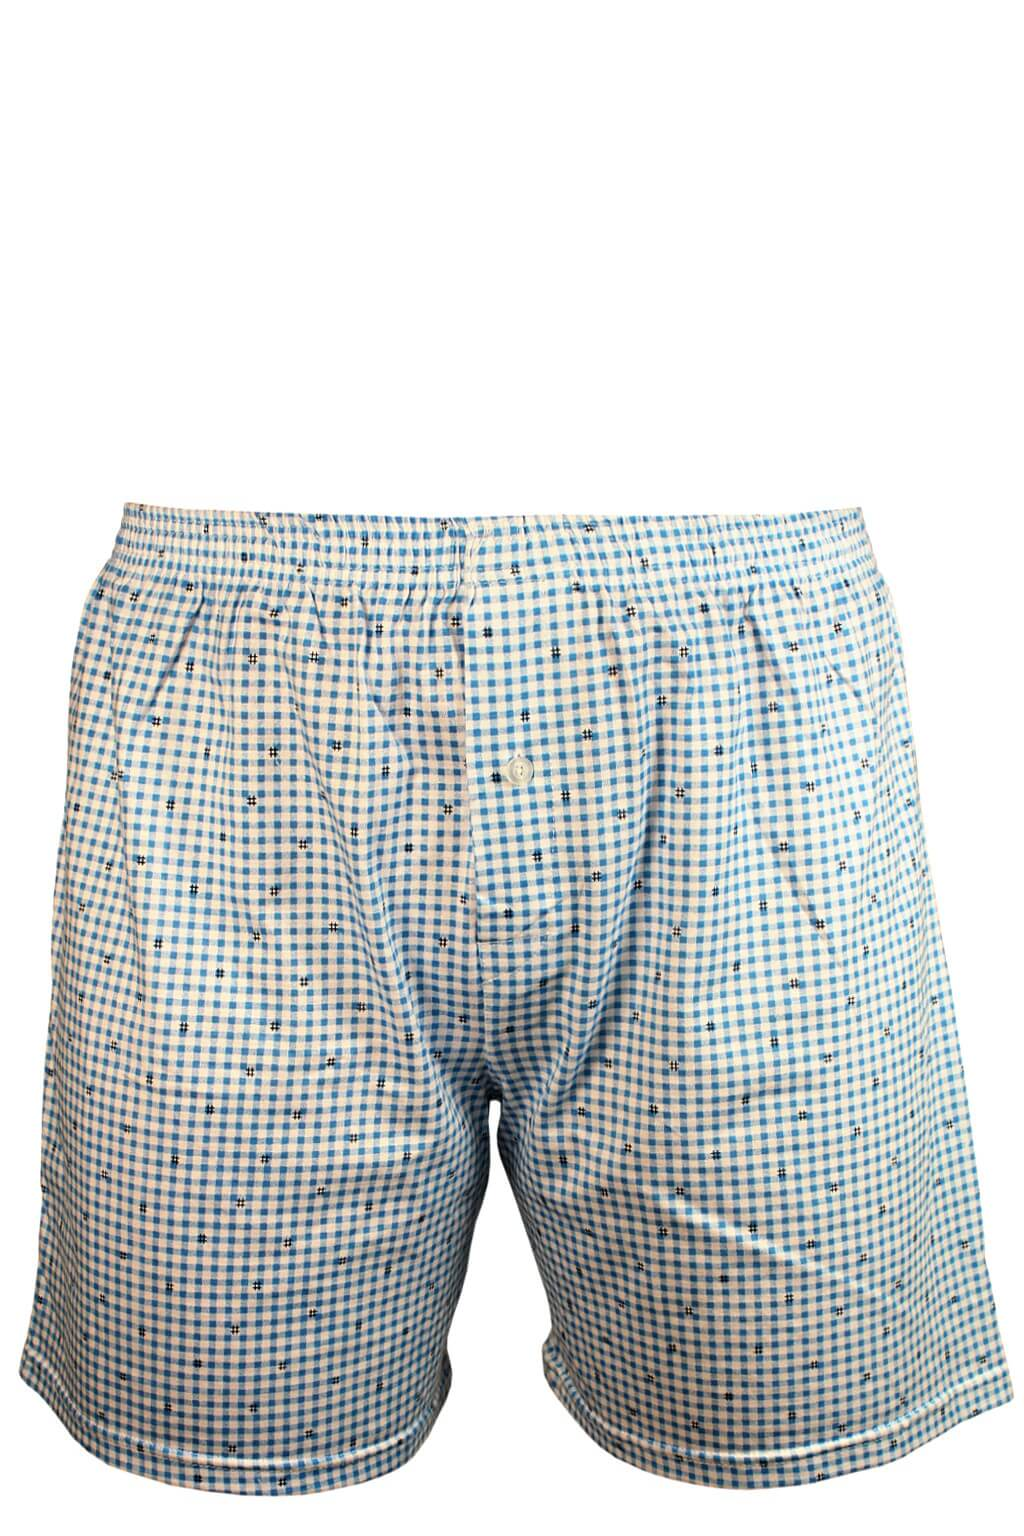 b87eafe27d1 Harry bavlna trenky - delší nohavička 3XL modrá